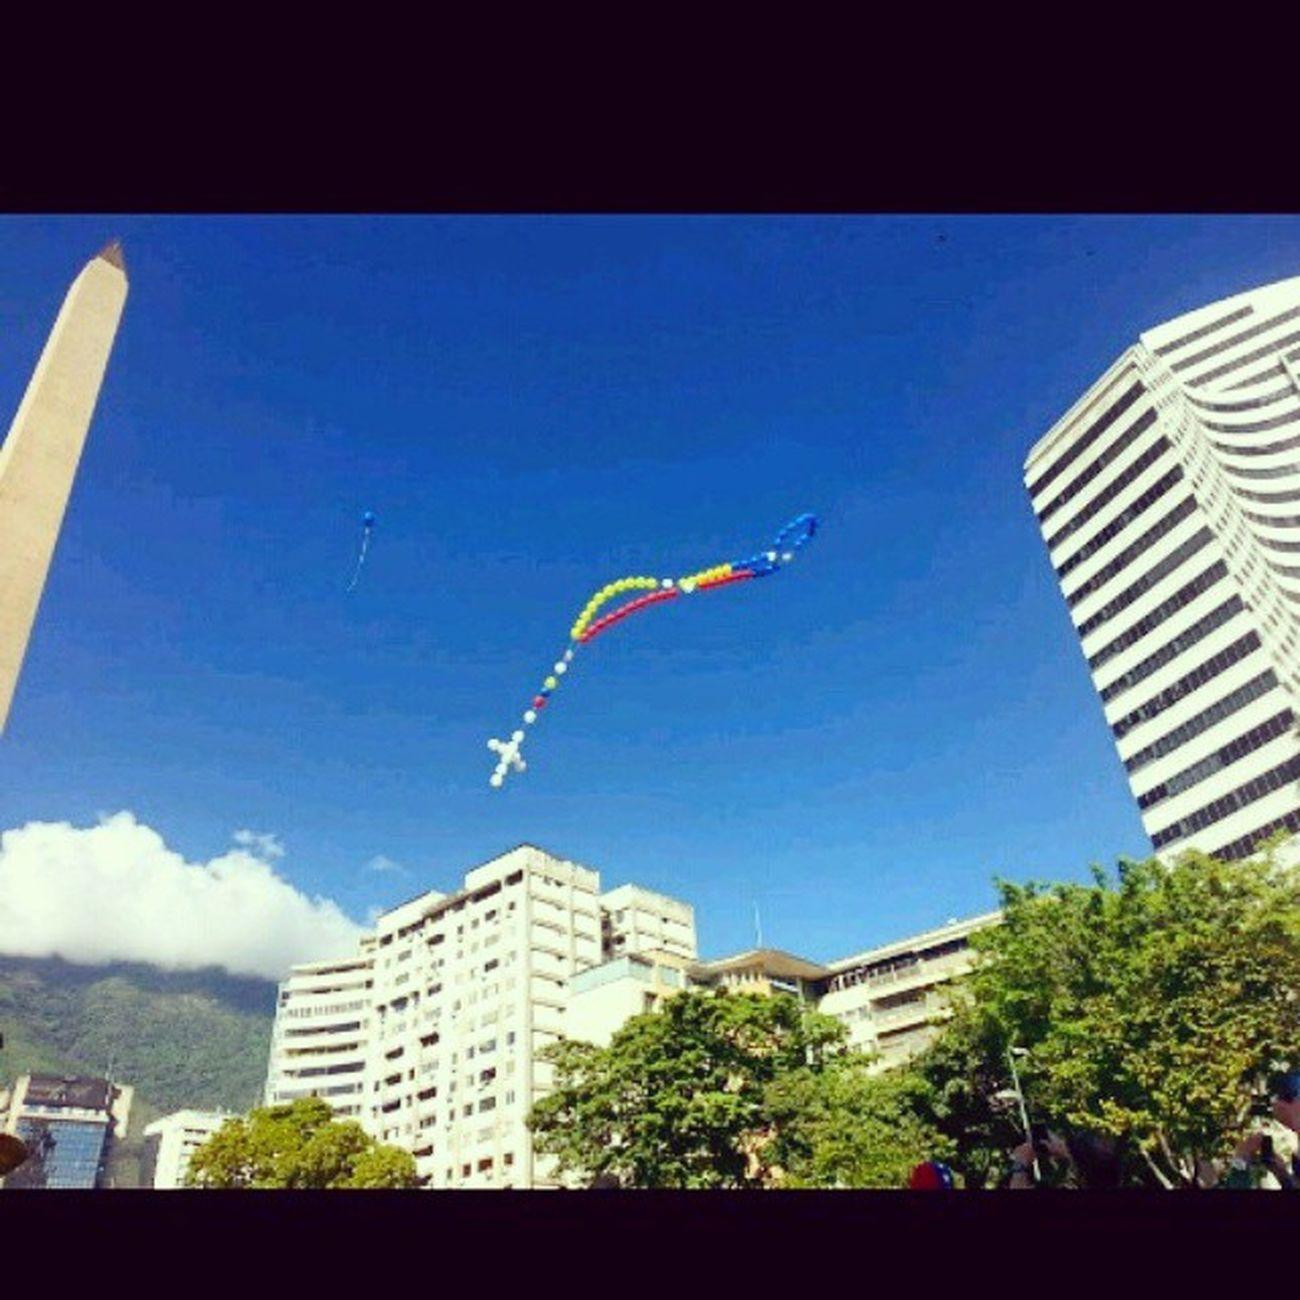 LaImagenLoGRITA Libertad Venezuela God Sos Sos Caracas Tricolor DIOSESGRANDE Paz NO DESCANSEMOS.HASTA TENER ESA HERMOSAVENEZUELA QUE EN ALGUN.MOMENTO TUVIMOS, Luchar POR LO QUE QUEREMOS CUESTE LO QUE CUESTE ALGO Y PENSAR QUE TUS HIJOS NO TIENEN PORQUE PASAR NI.VIVIR LO QUE SE VIVE EN ESTOS MO